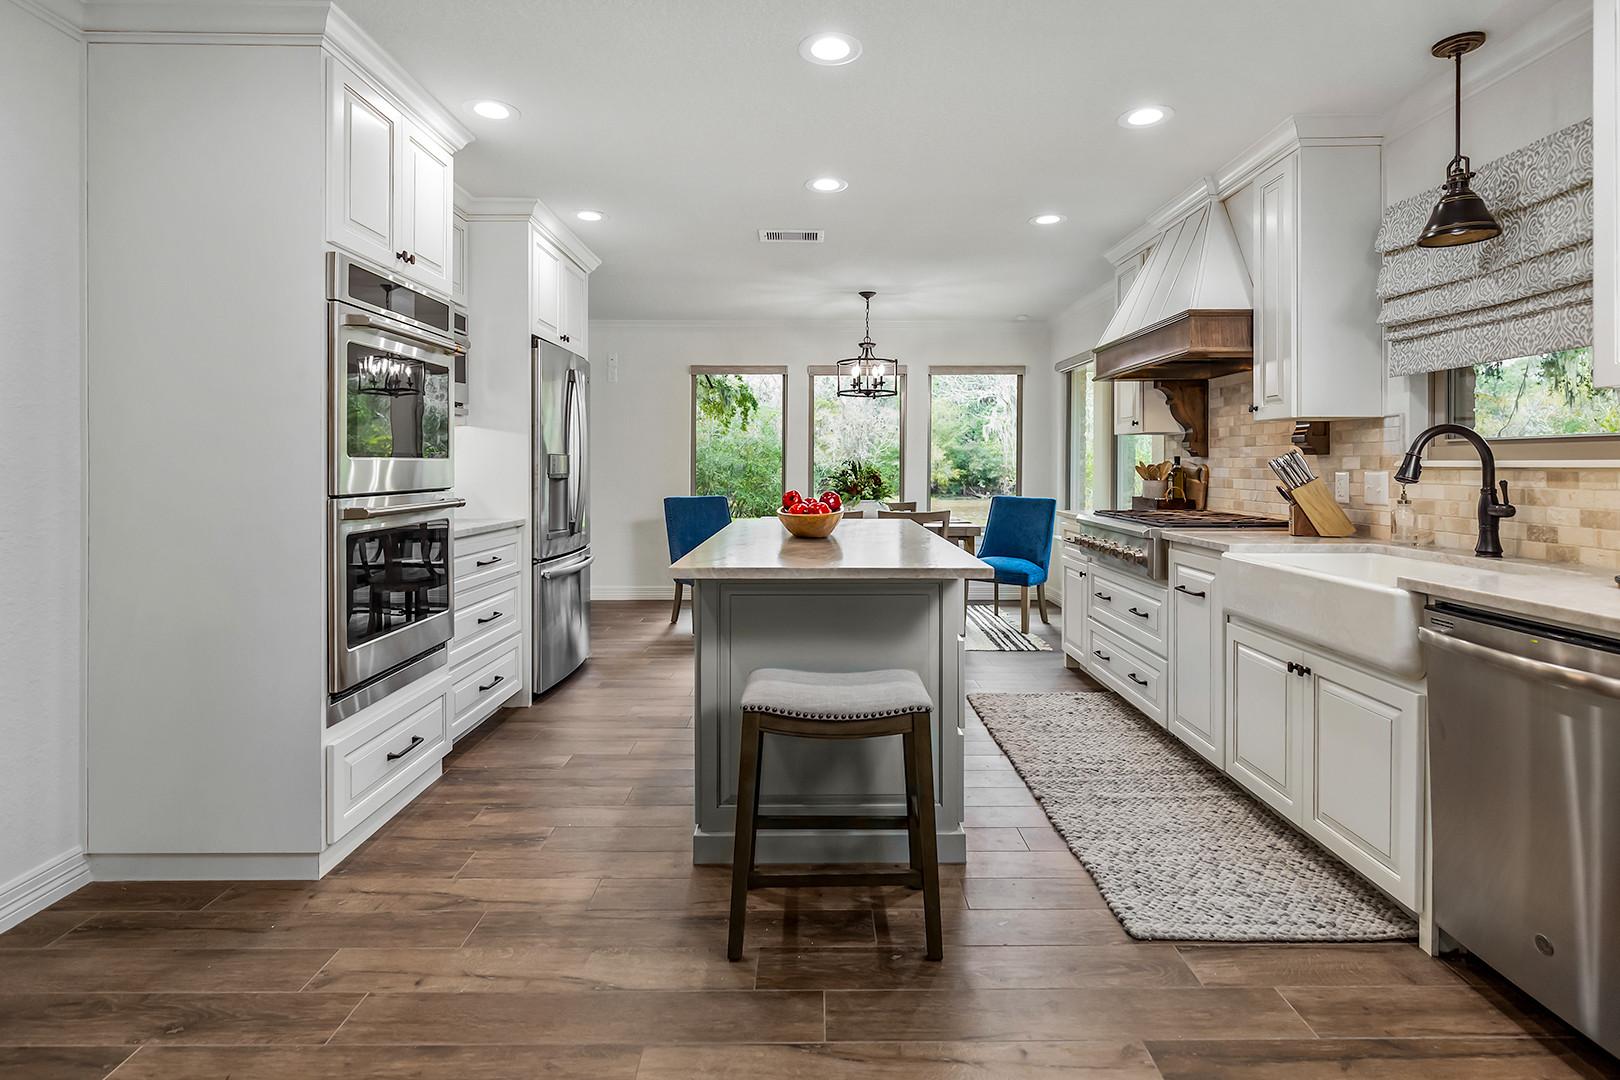 Bayou Road - Full House Remodel 2019